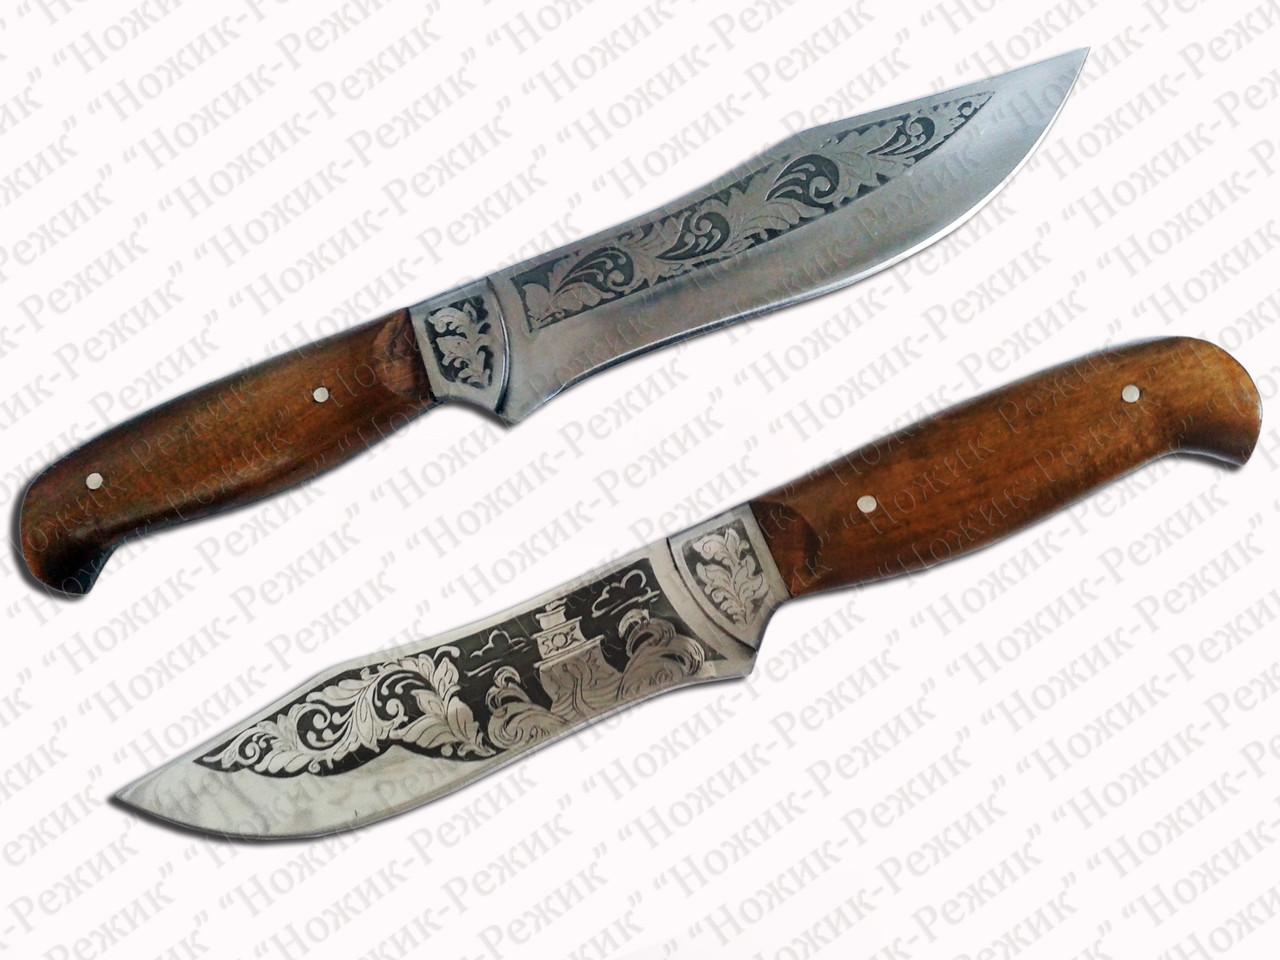 Нож туристический рыбацкий, нож для охоты, нож для рыбалки, боевой нож, нож для туризма